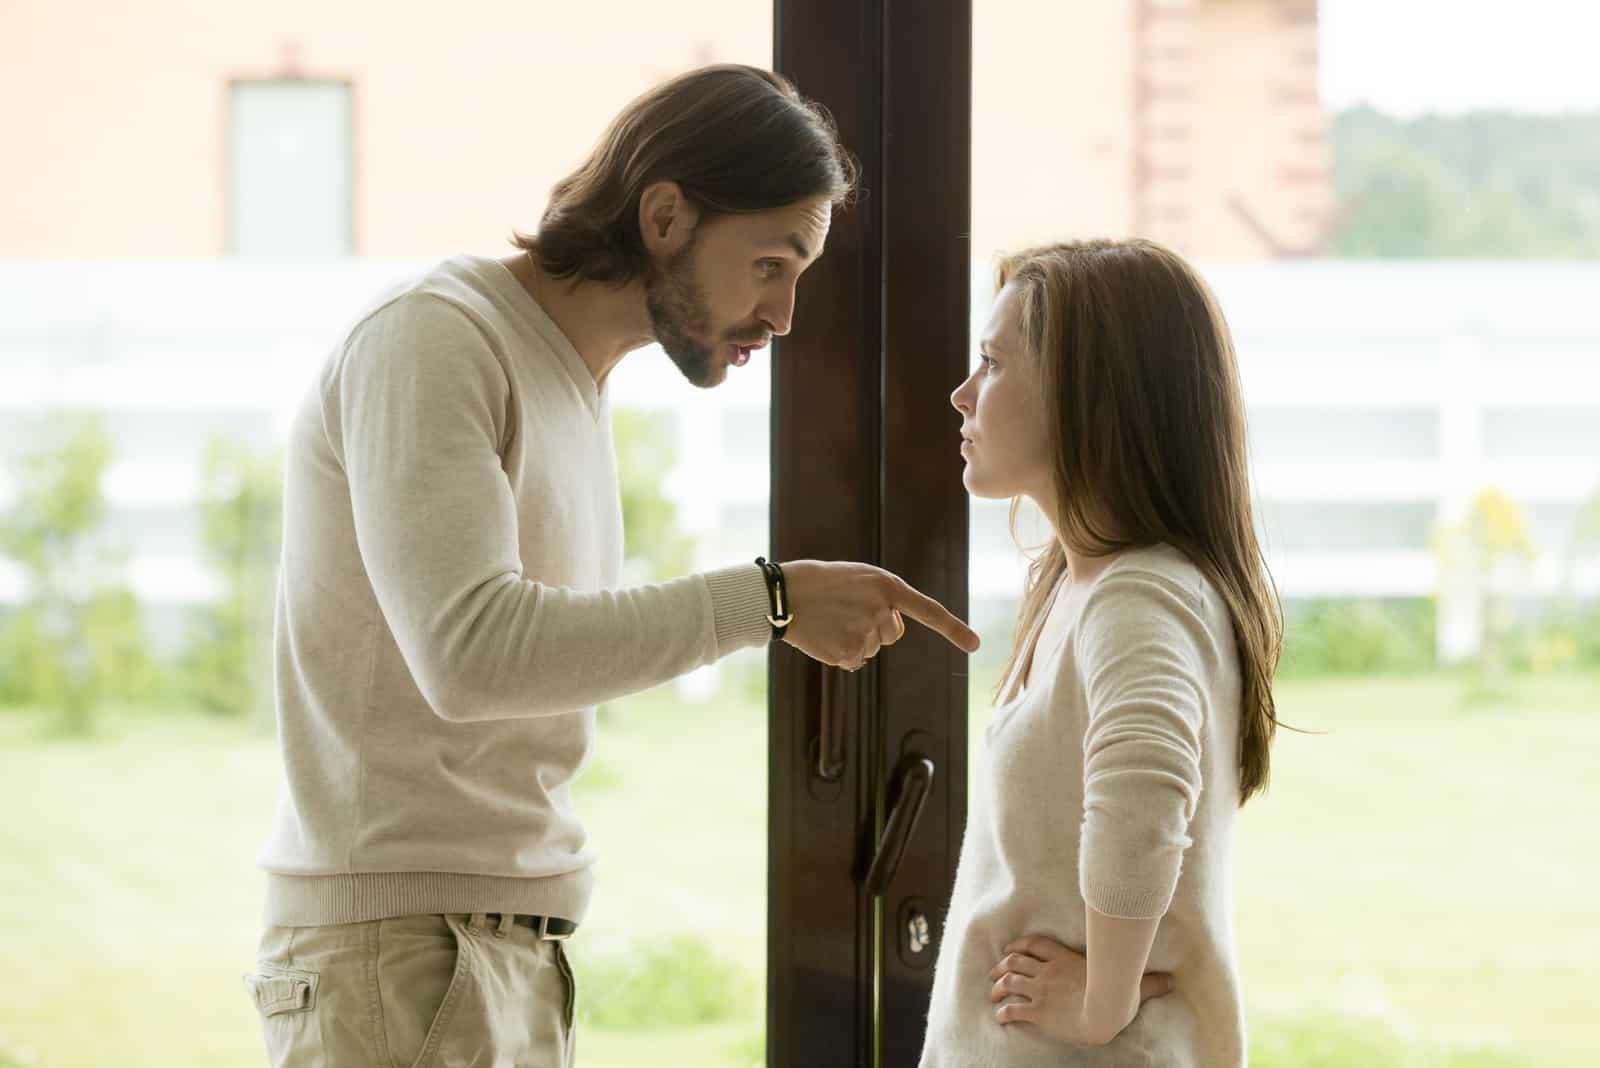 un homme qui plaît à une femme pendant qu'ils se disputent